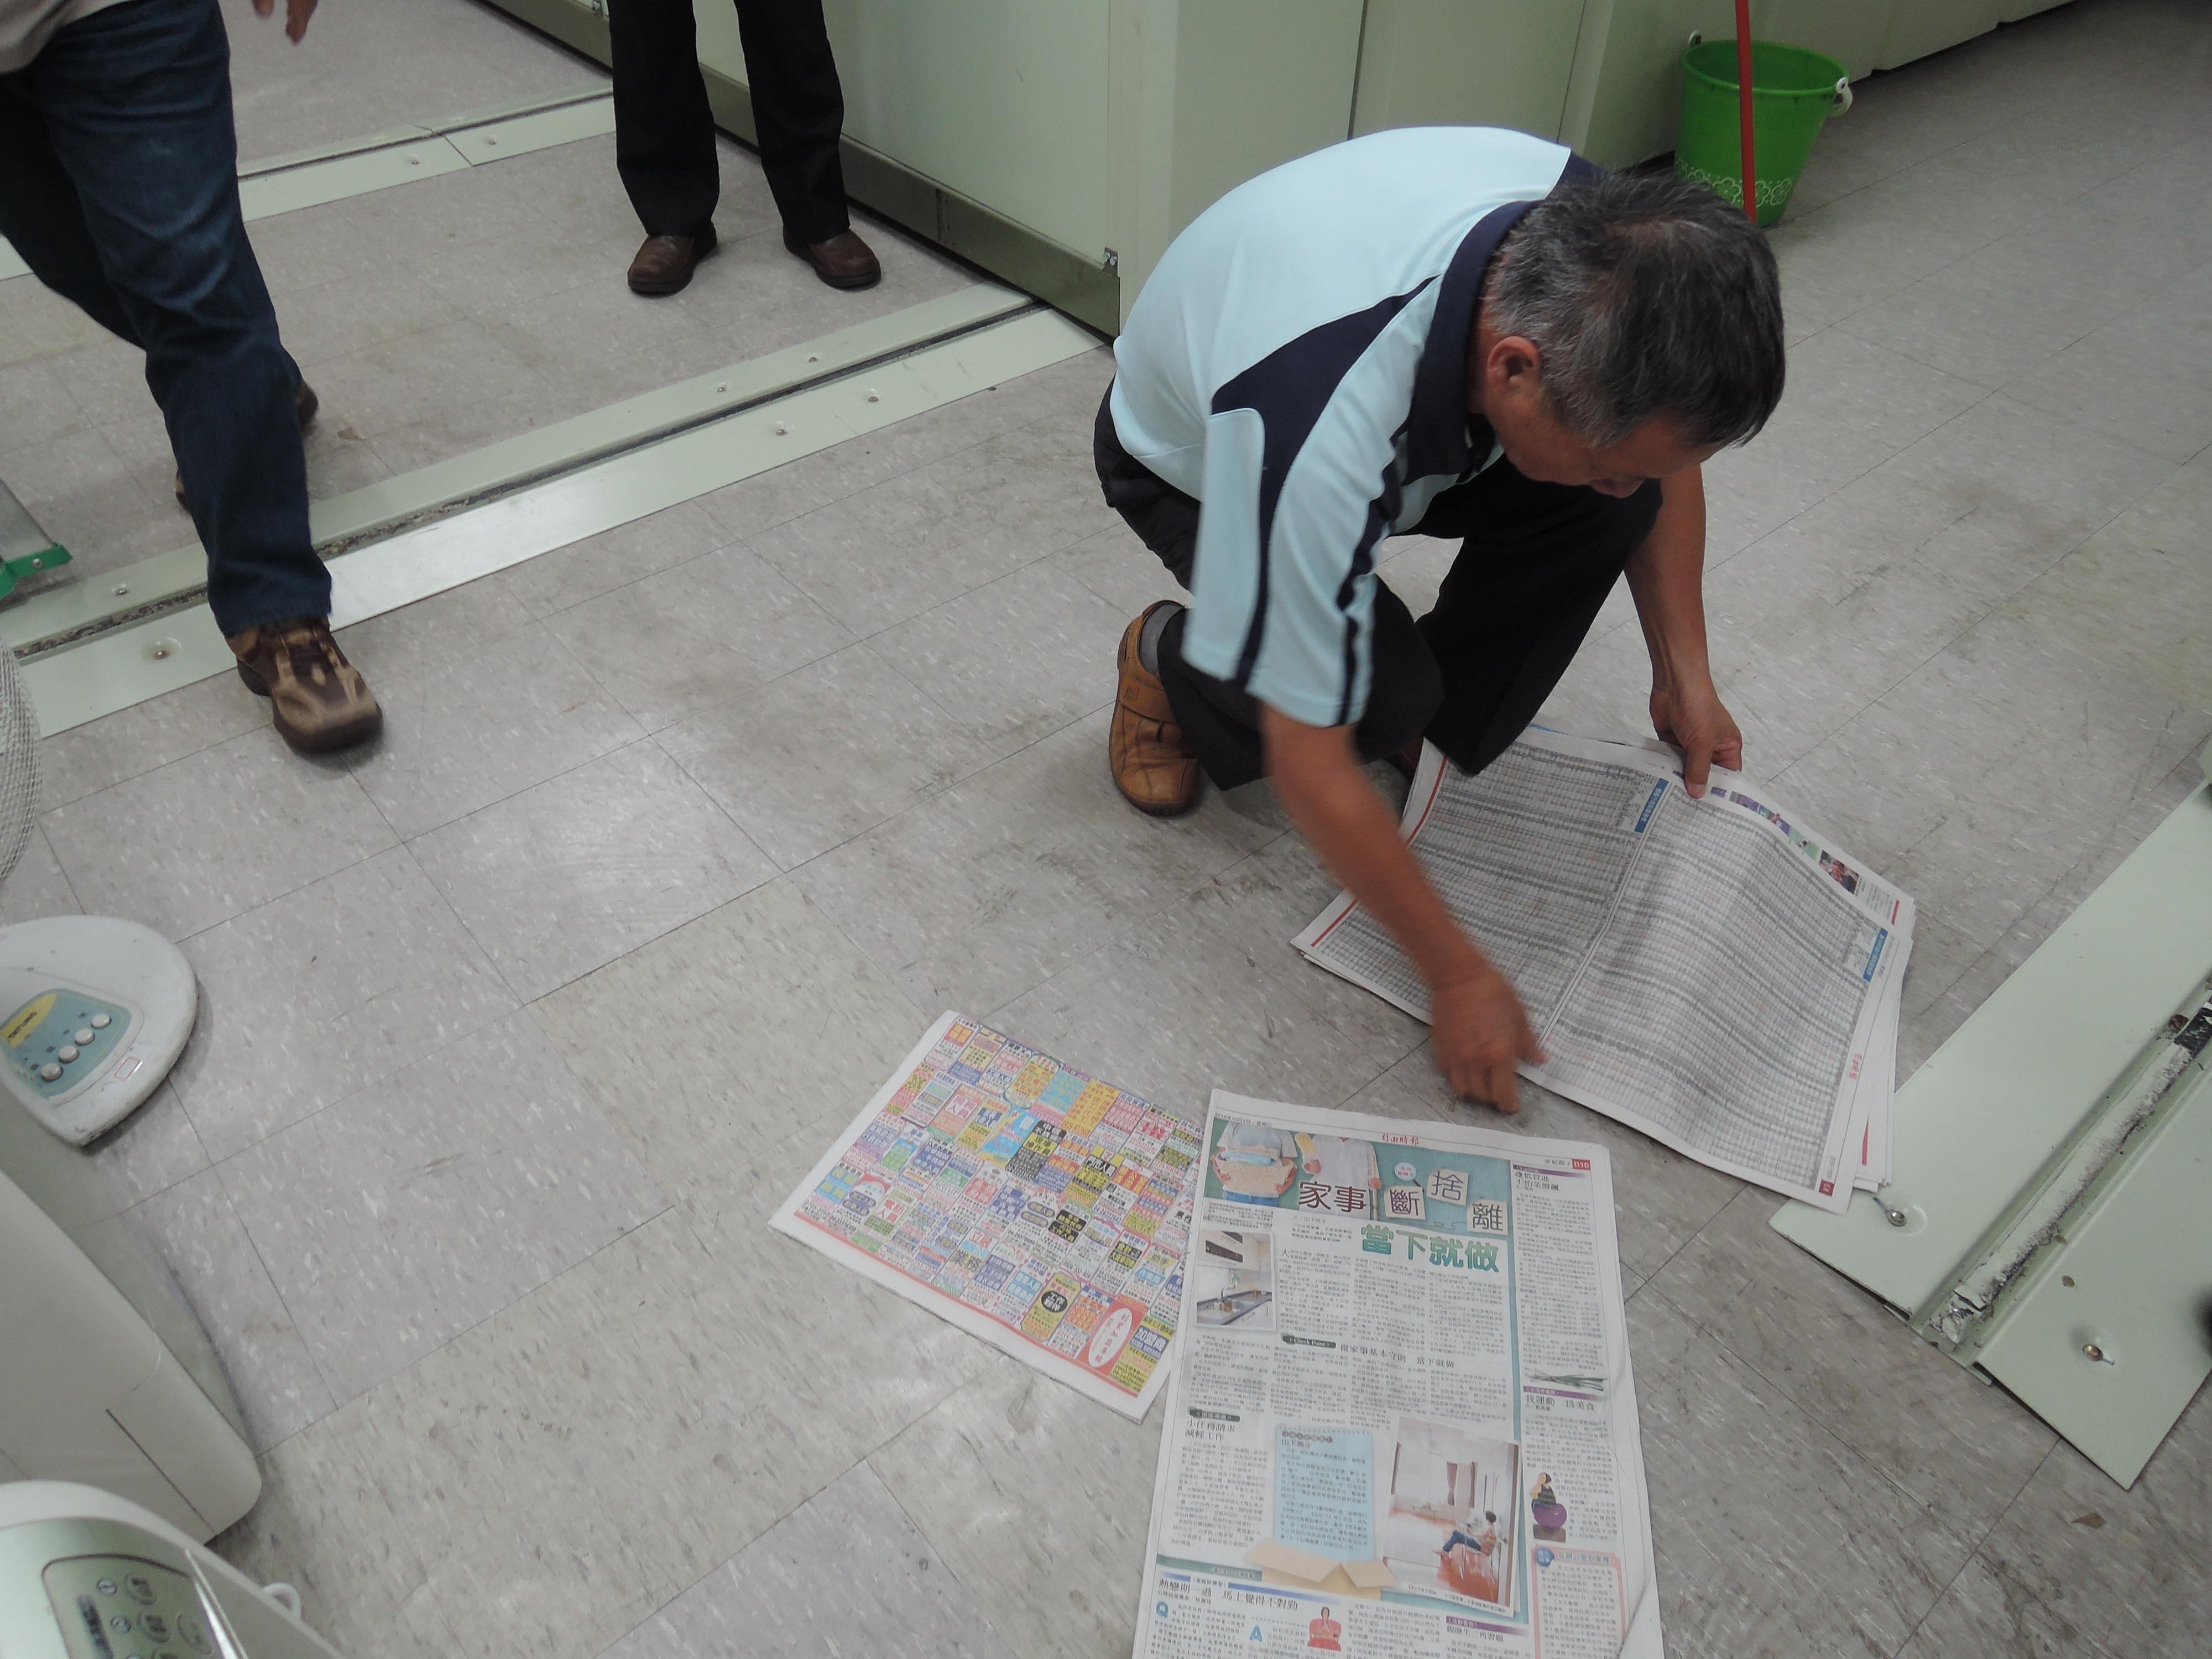 實地演練05-環境控制組於地面鋪設報紙吸水.jpg